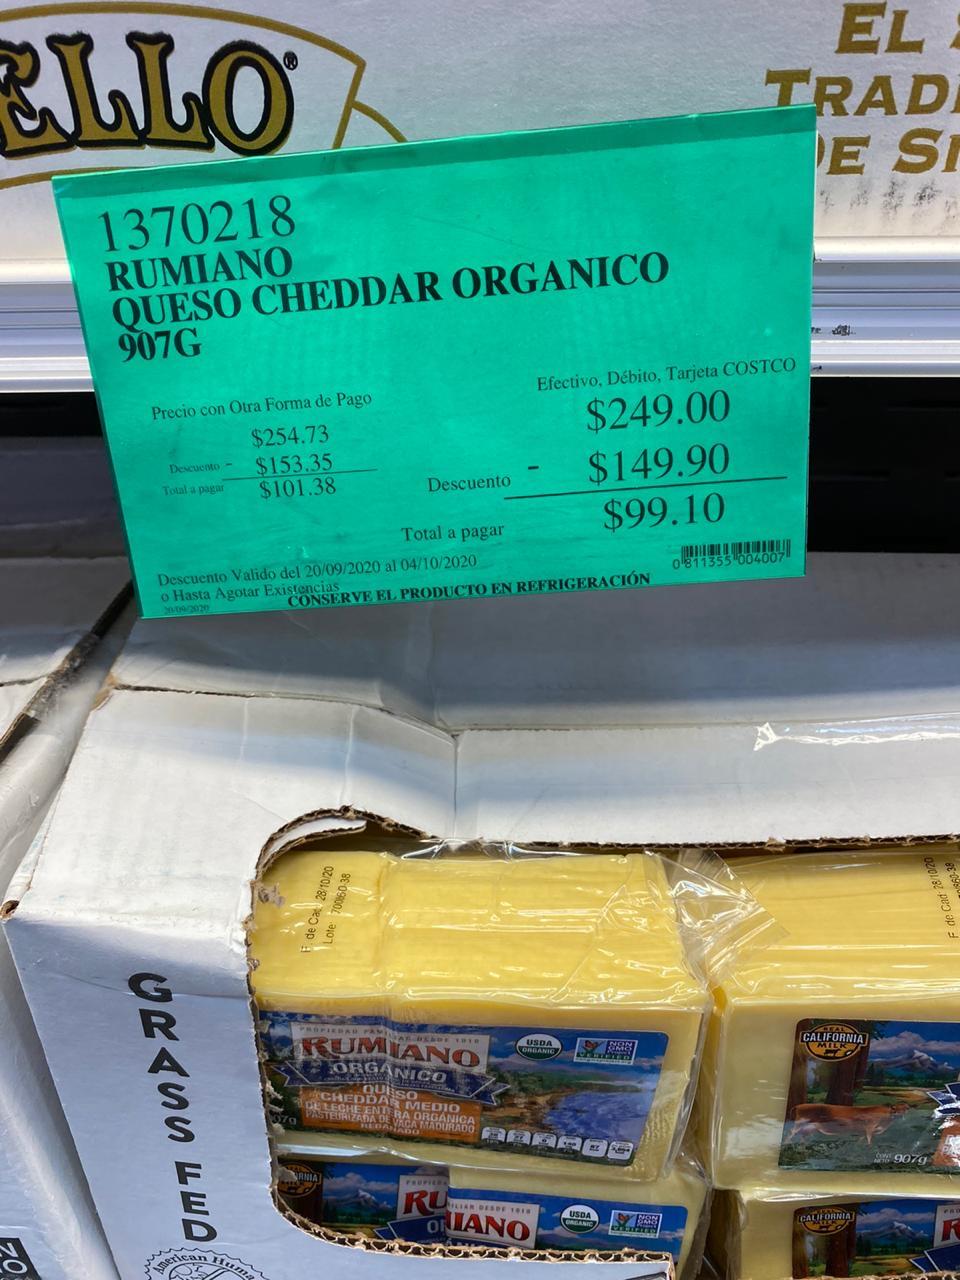 Costco: Queso cheddar orgánico